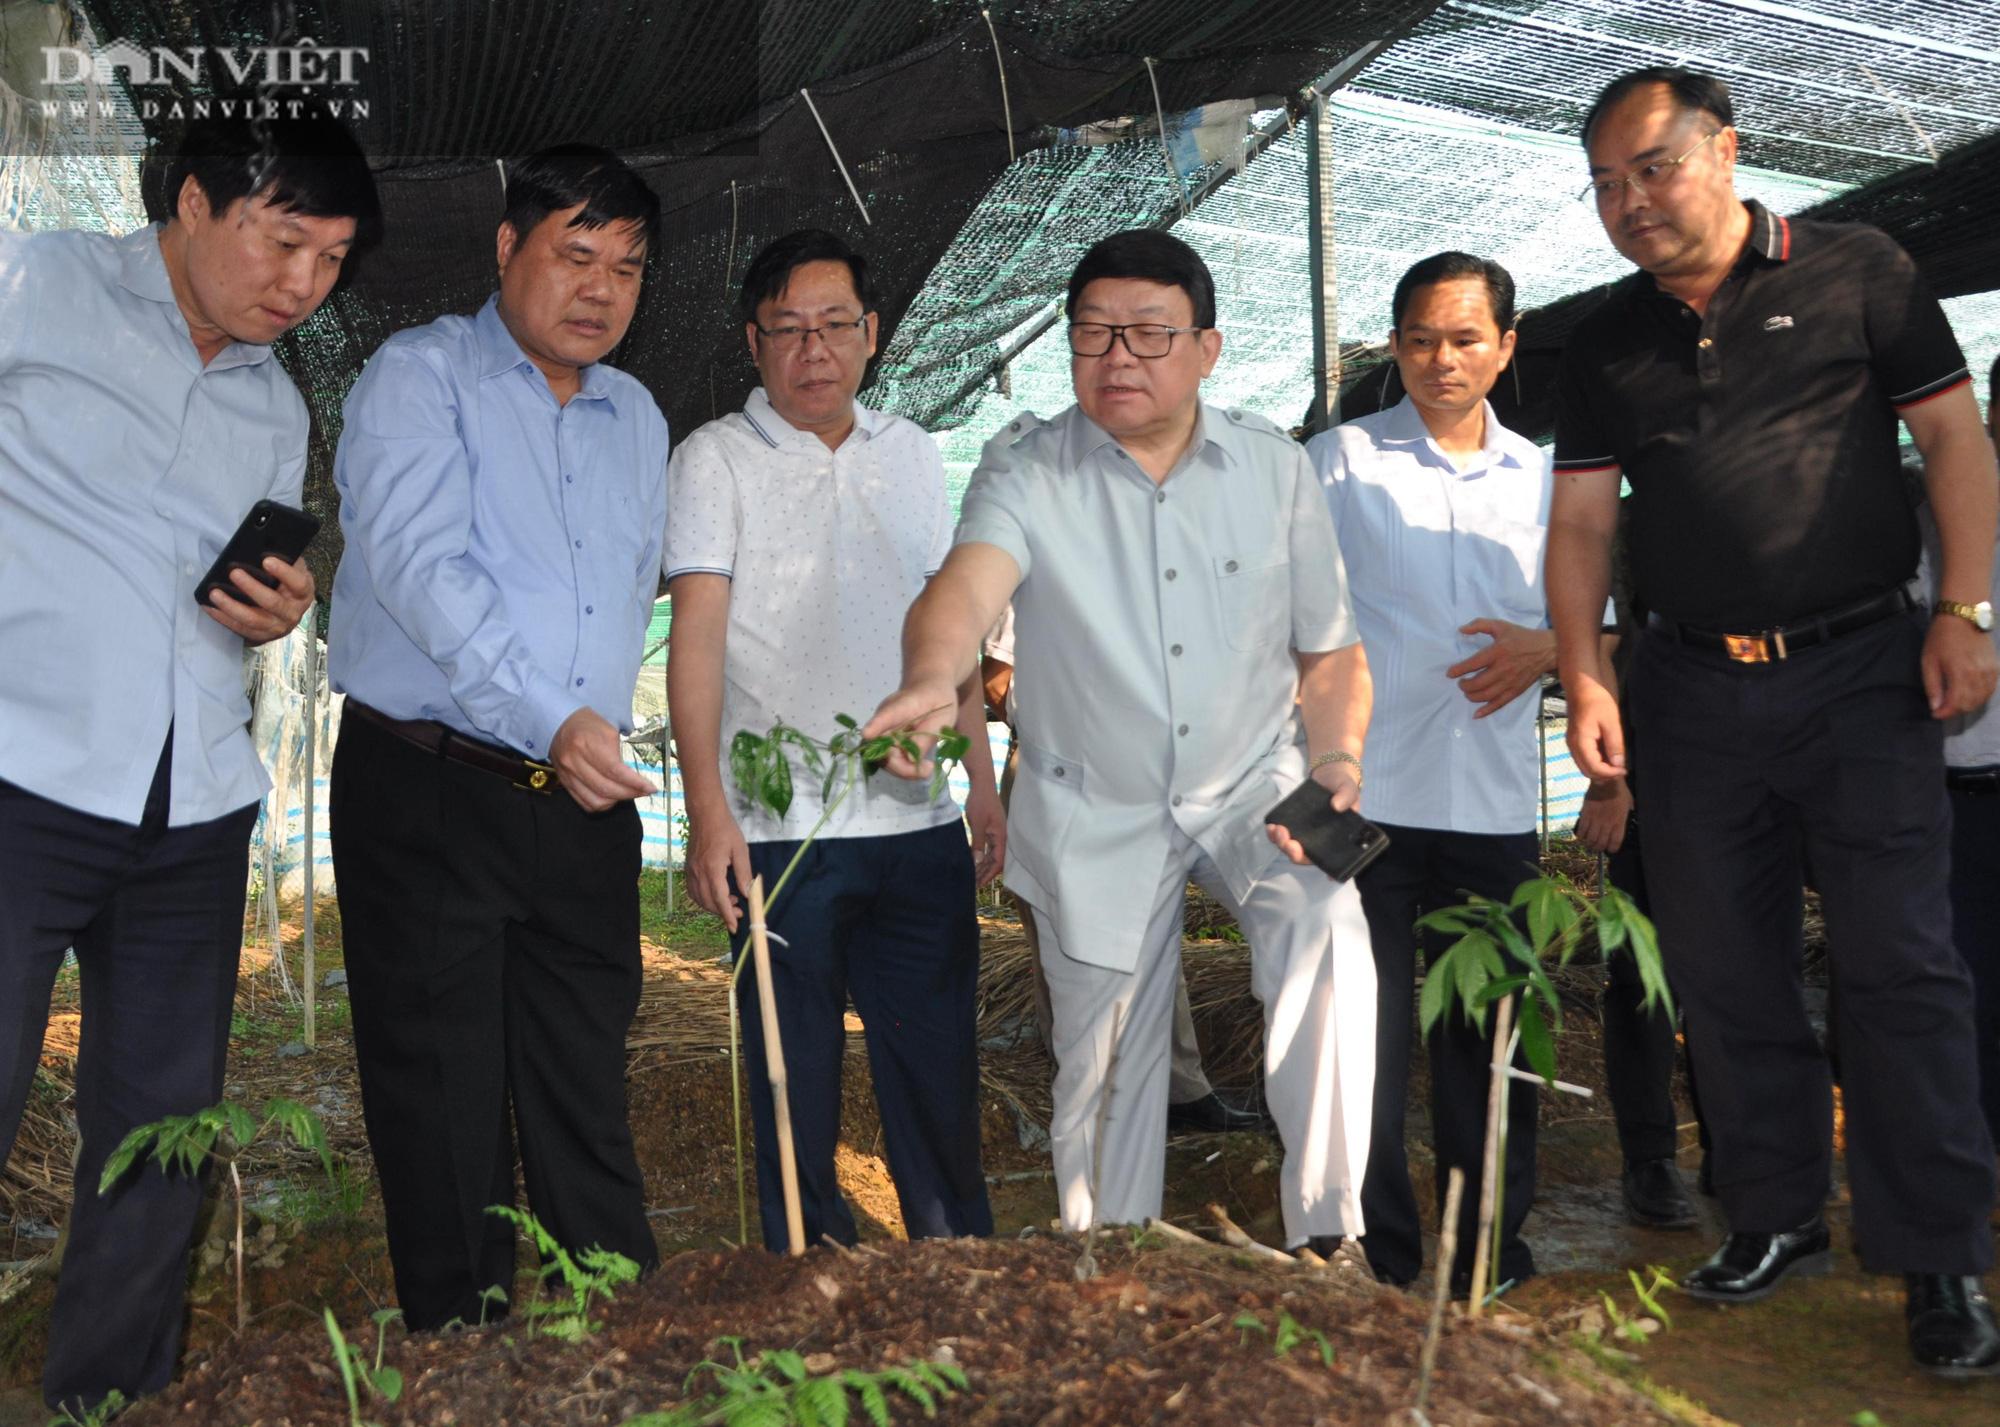 Chủ tịch Hội Nông dân Việt Nam thăm vùng sâm quý ở tỉnh biên cương - Ảnh 1.